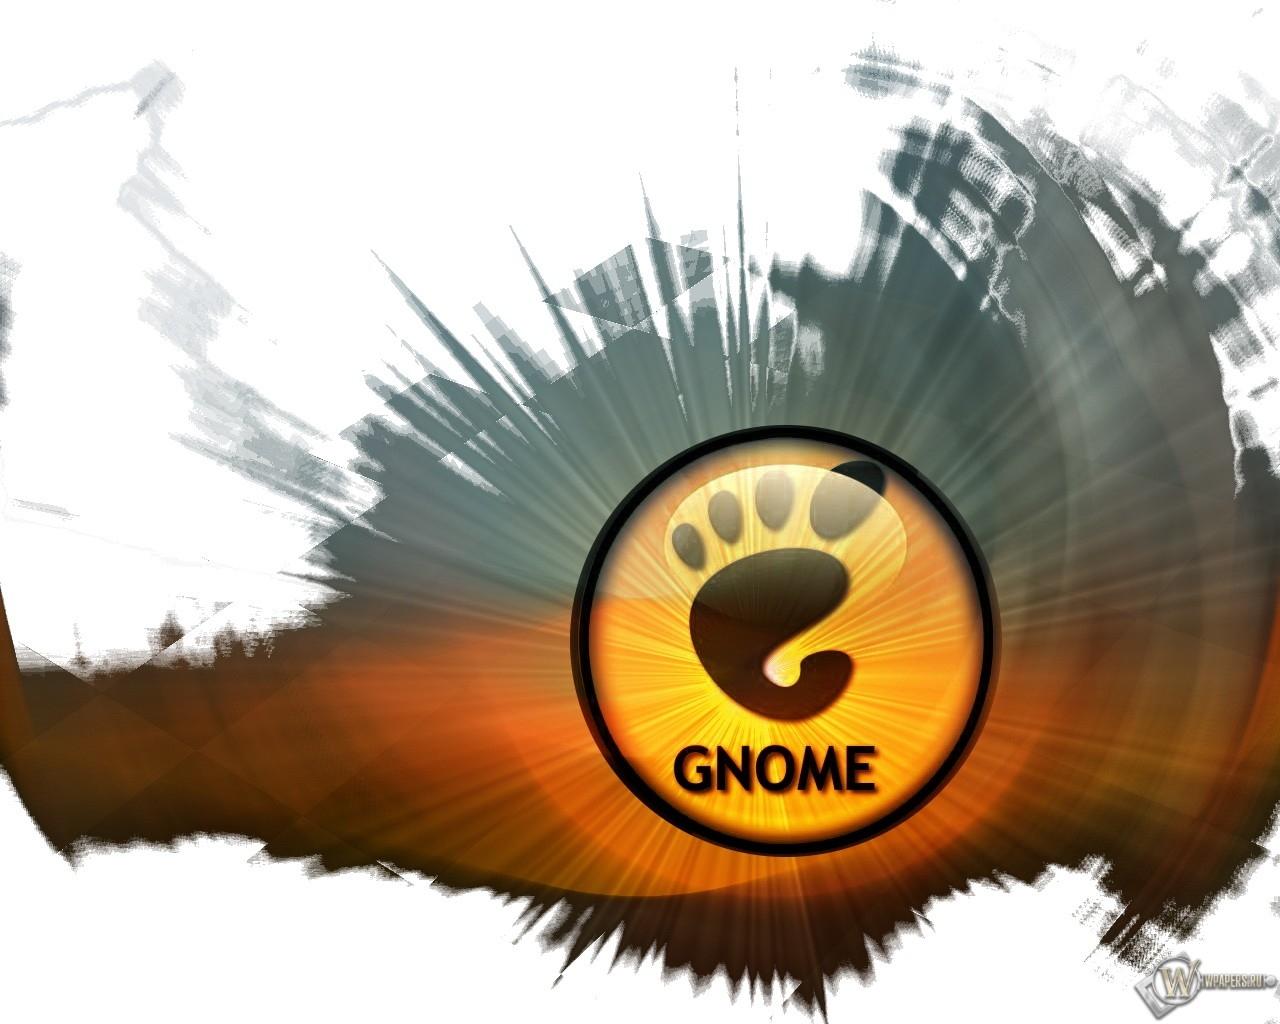 Gnome 1280x1024